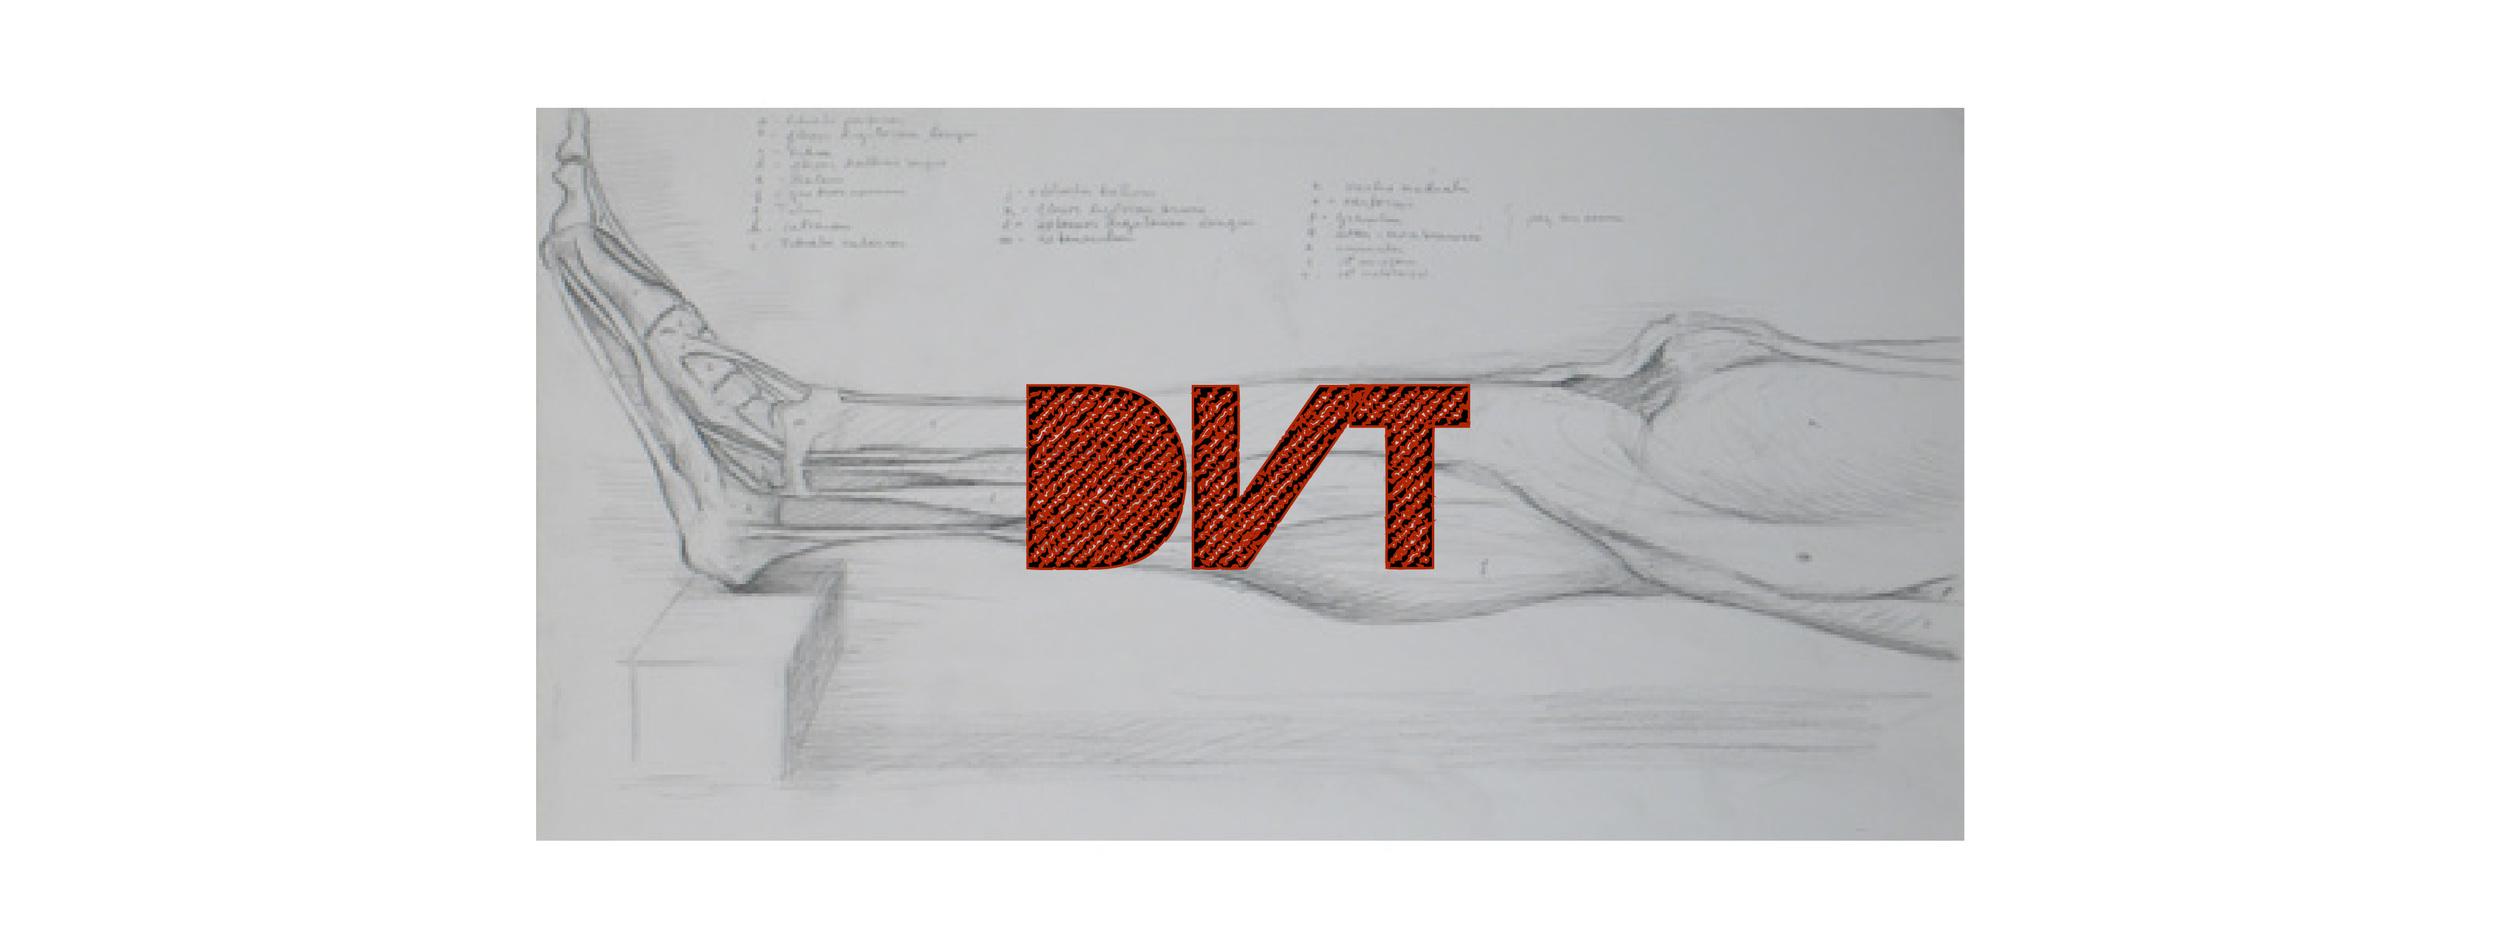 US_DVT-01.jpg